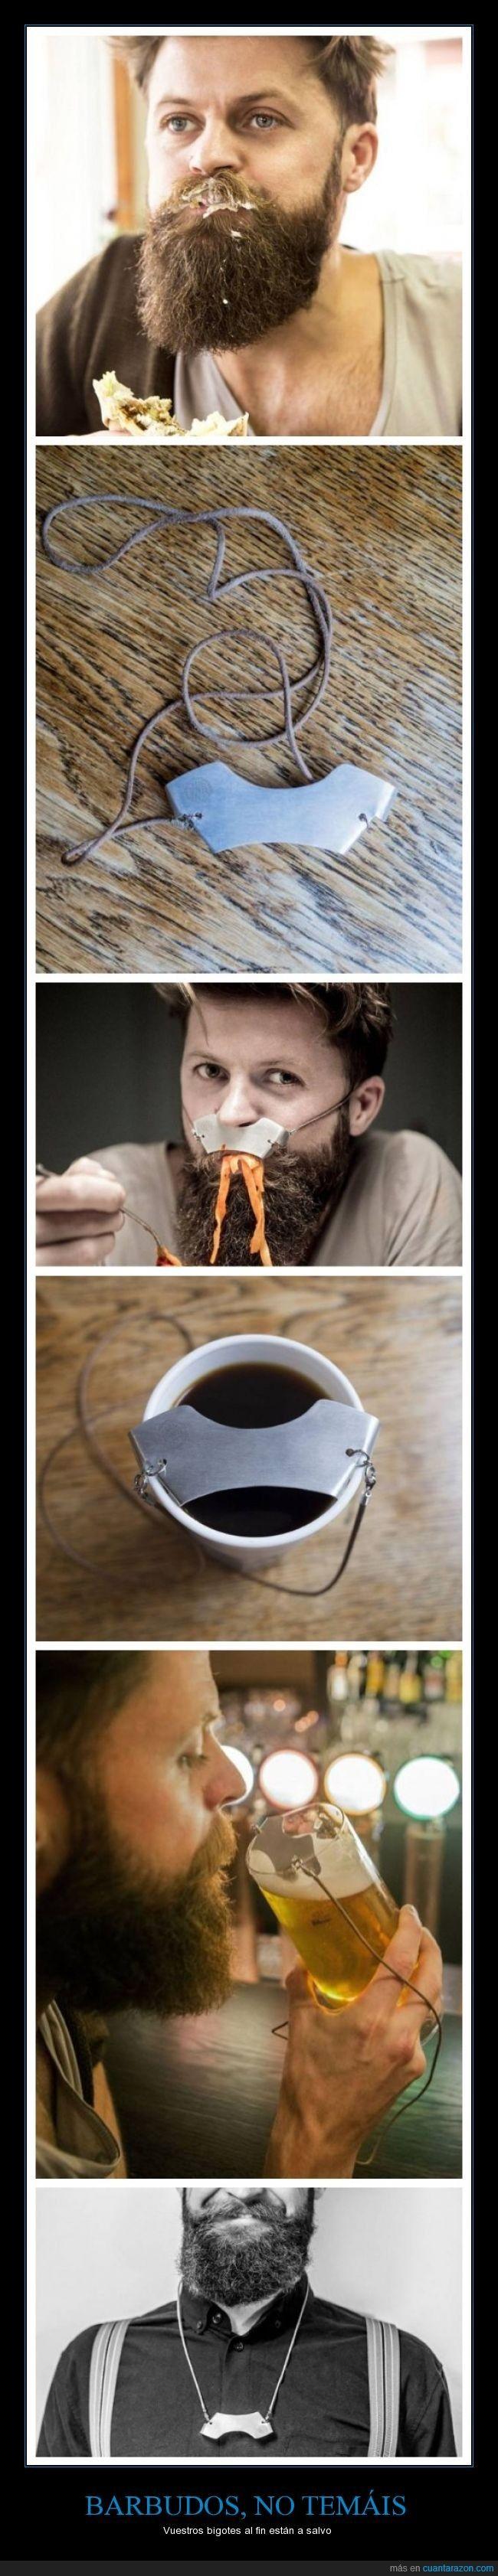 El producto que Ron Swanson compraría - Vuestros bigotes al fin están a salvo   Gracias a http://www.cuantarazon.com/   Si quieres leer la noticia completa visita: http://www.estoy-aburrido.com/el-producto-que-ron-swanson-compraria-vuestros-bigotes-al-fin-estan-a-salvo/